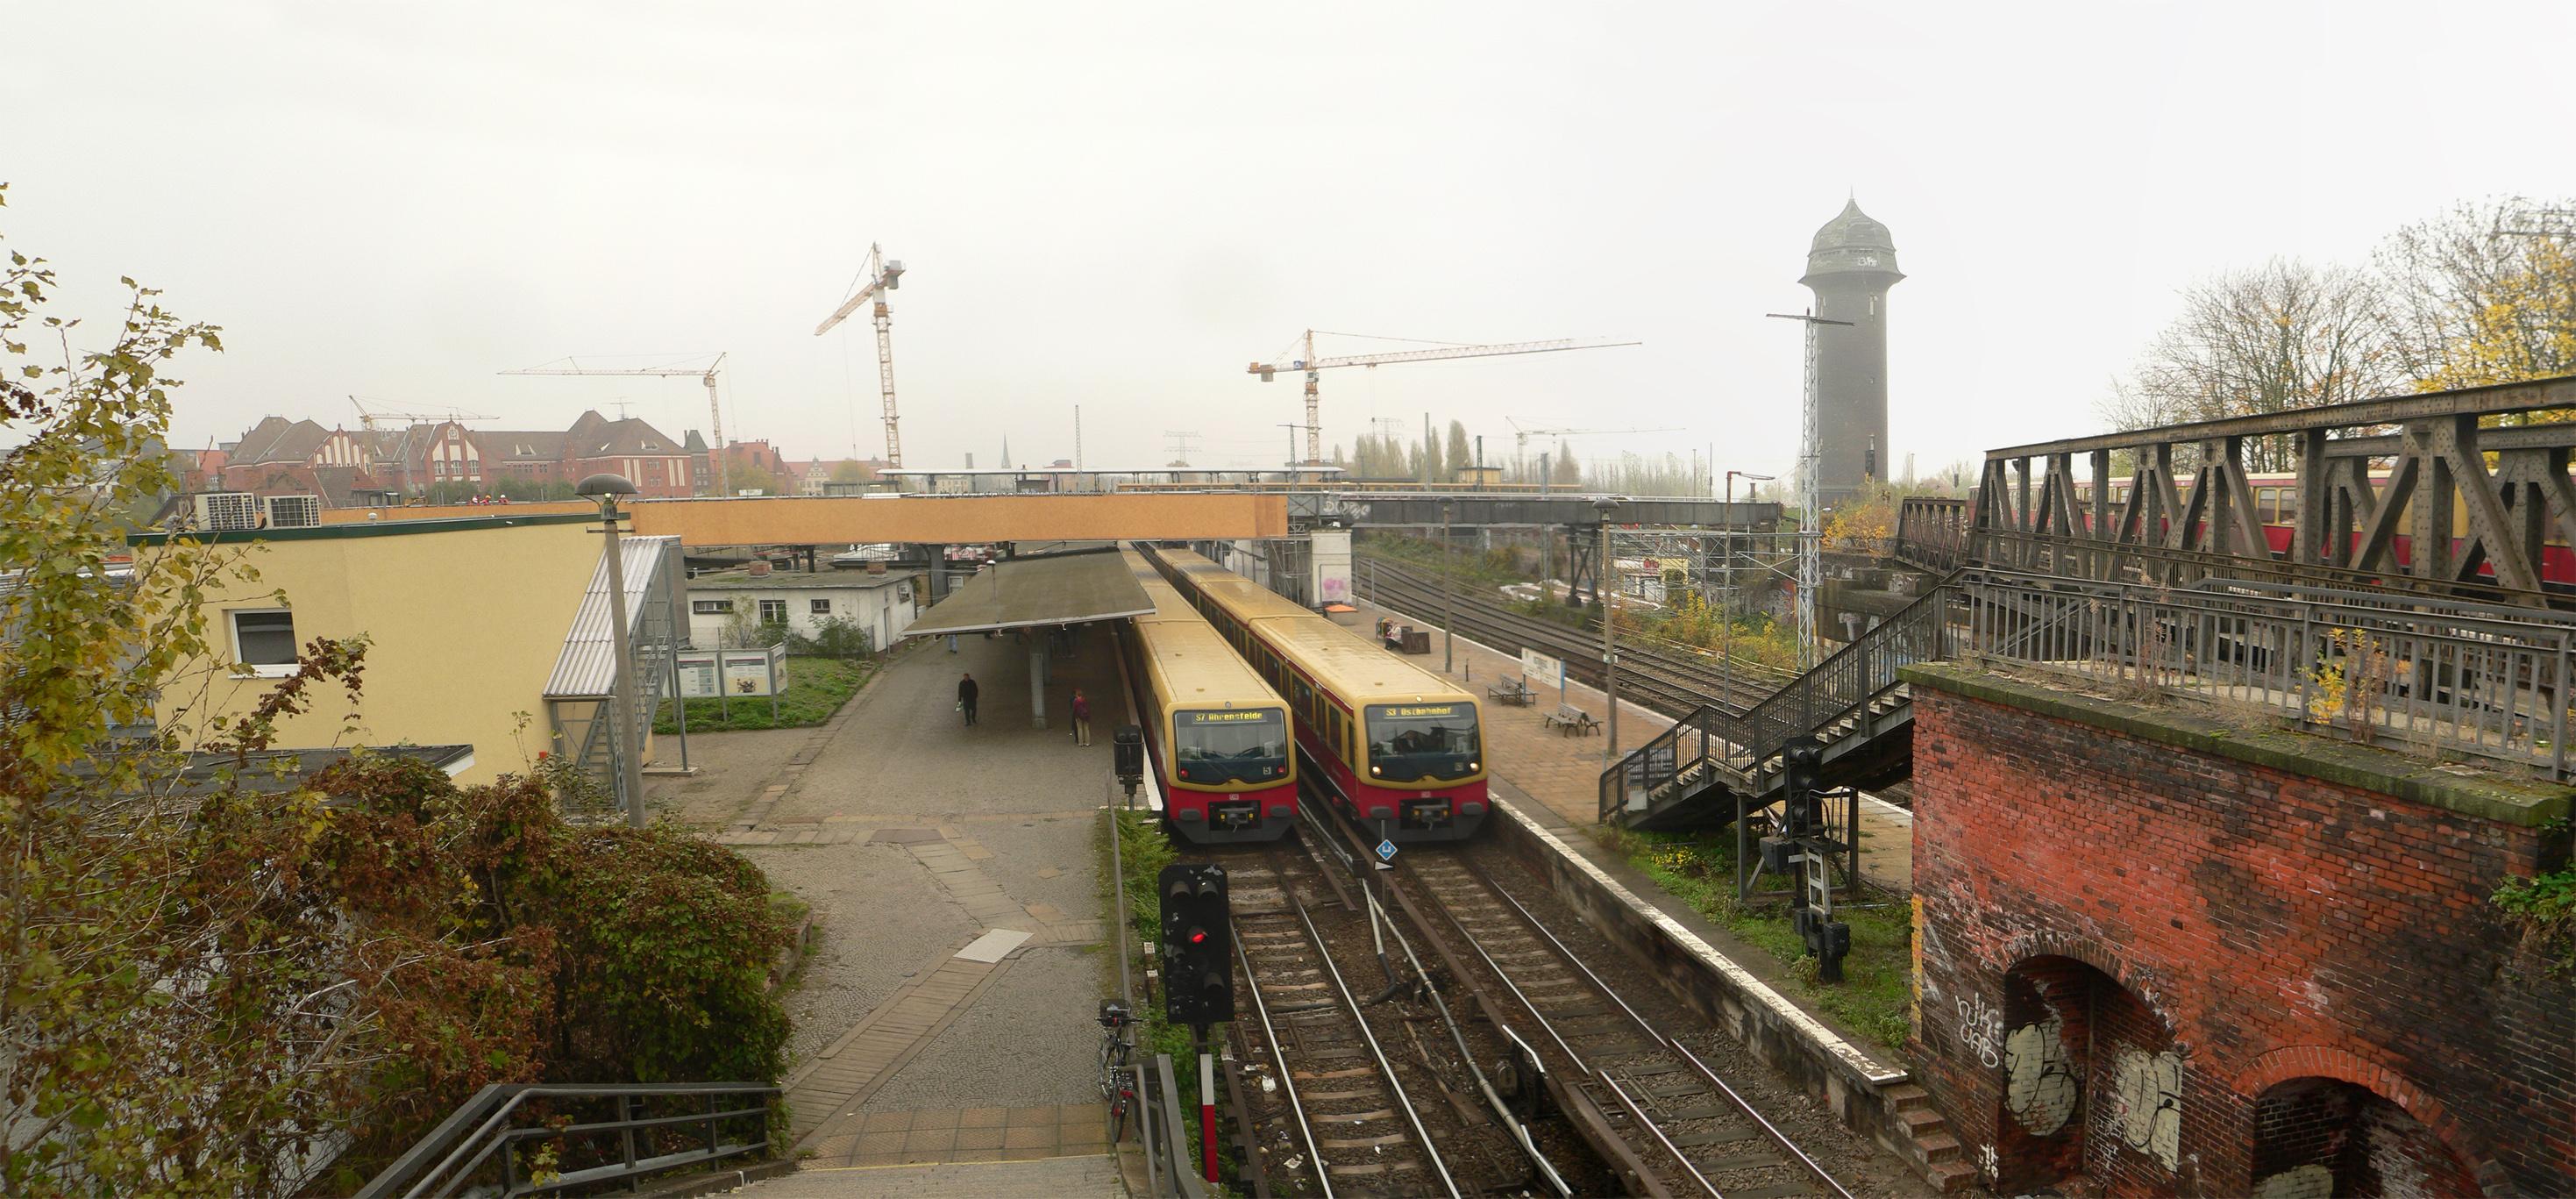 Ostkreuz-rr-1.jpg